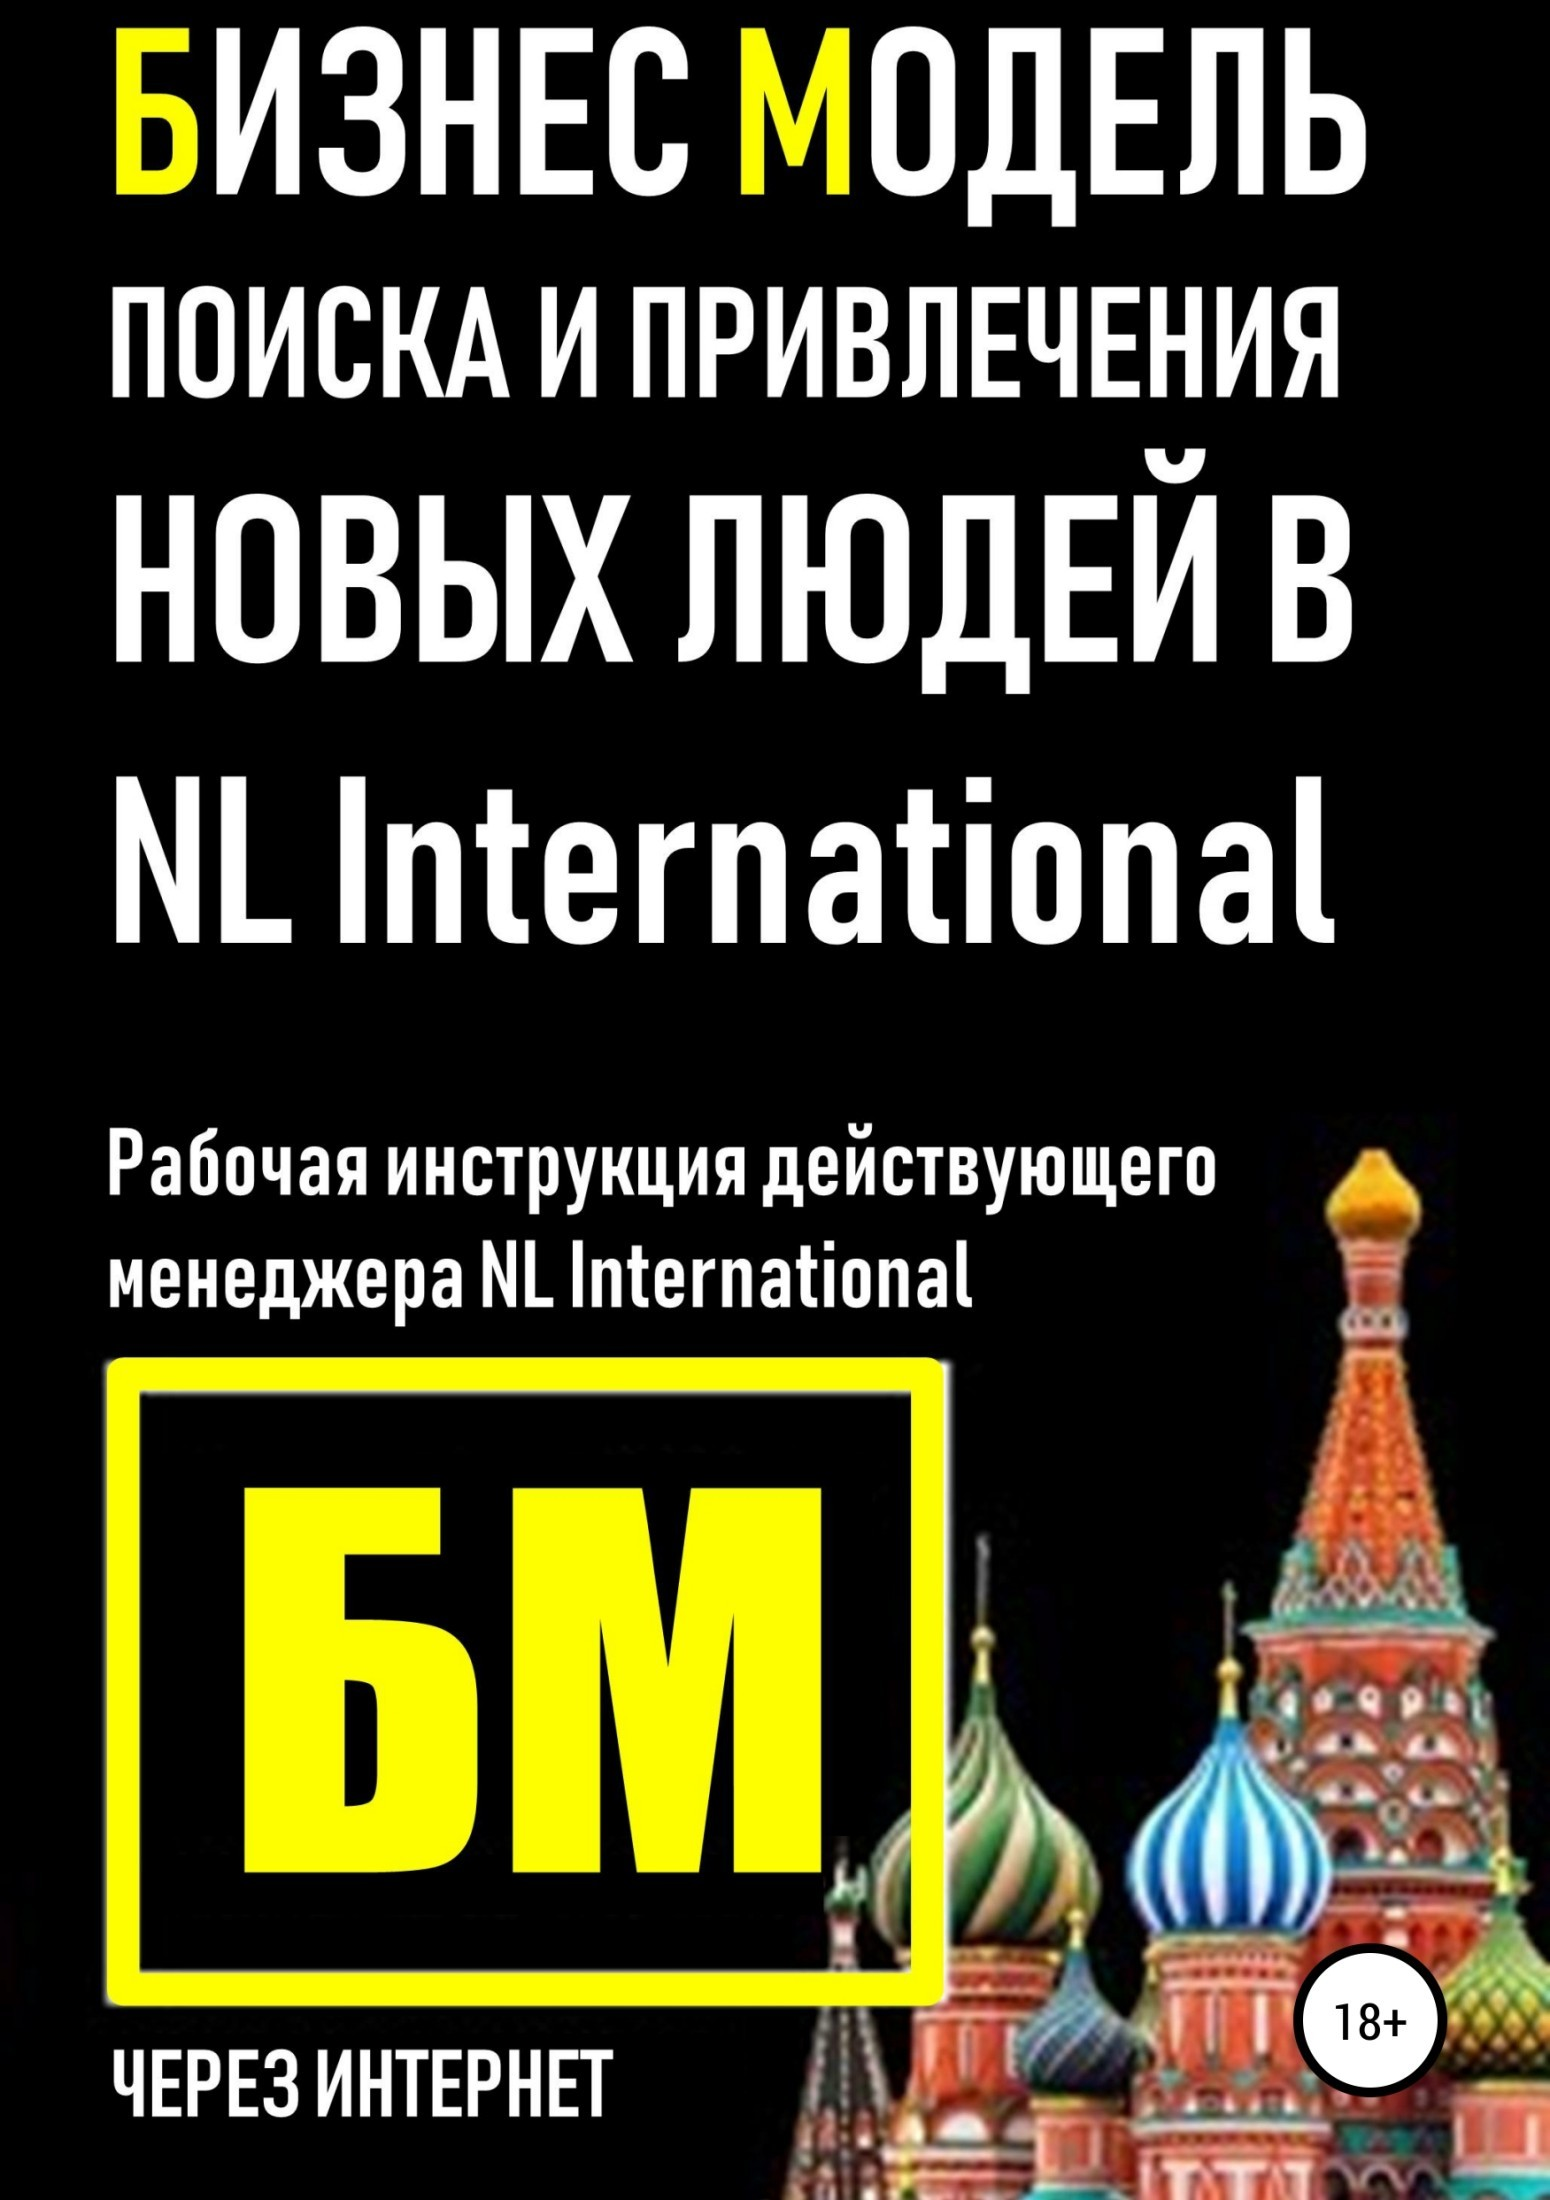 Обложка книги Бизнес Модель поиска и привлечения людей в NL International